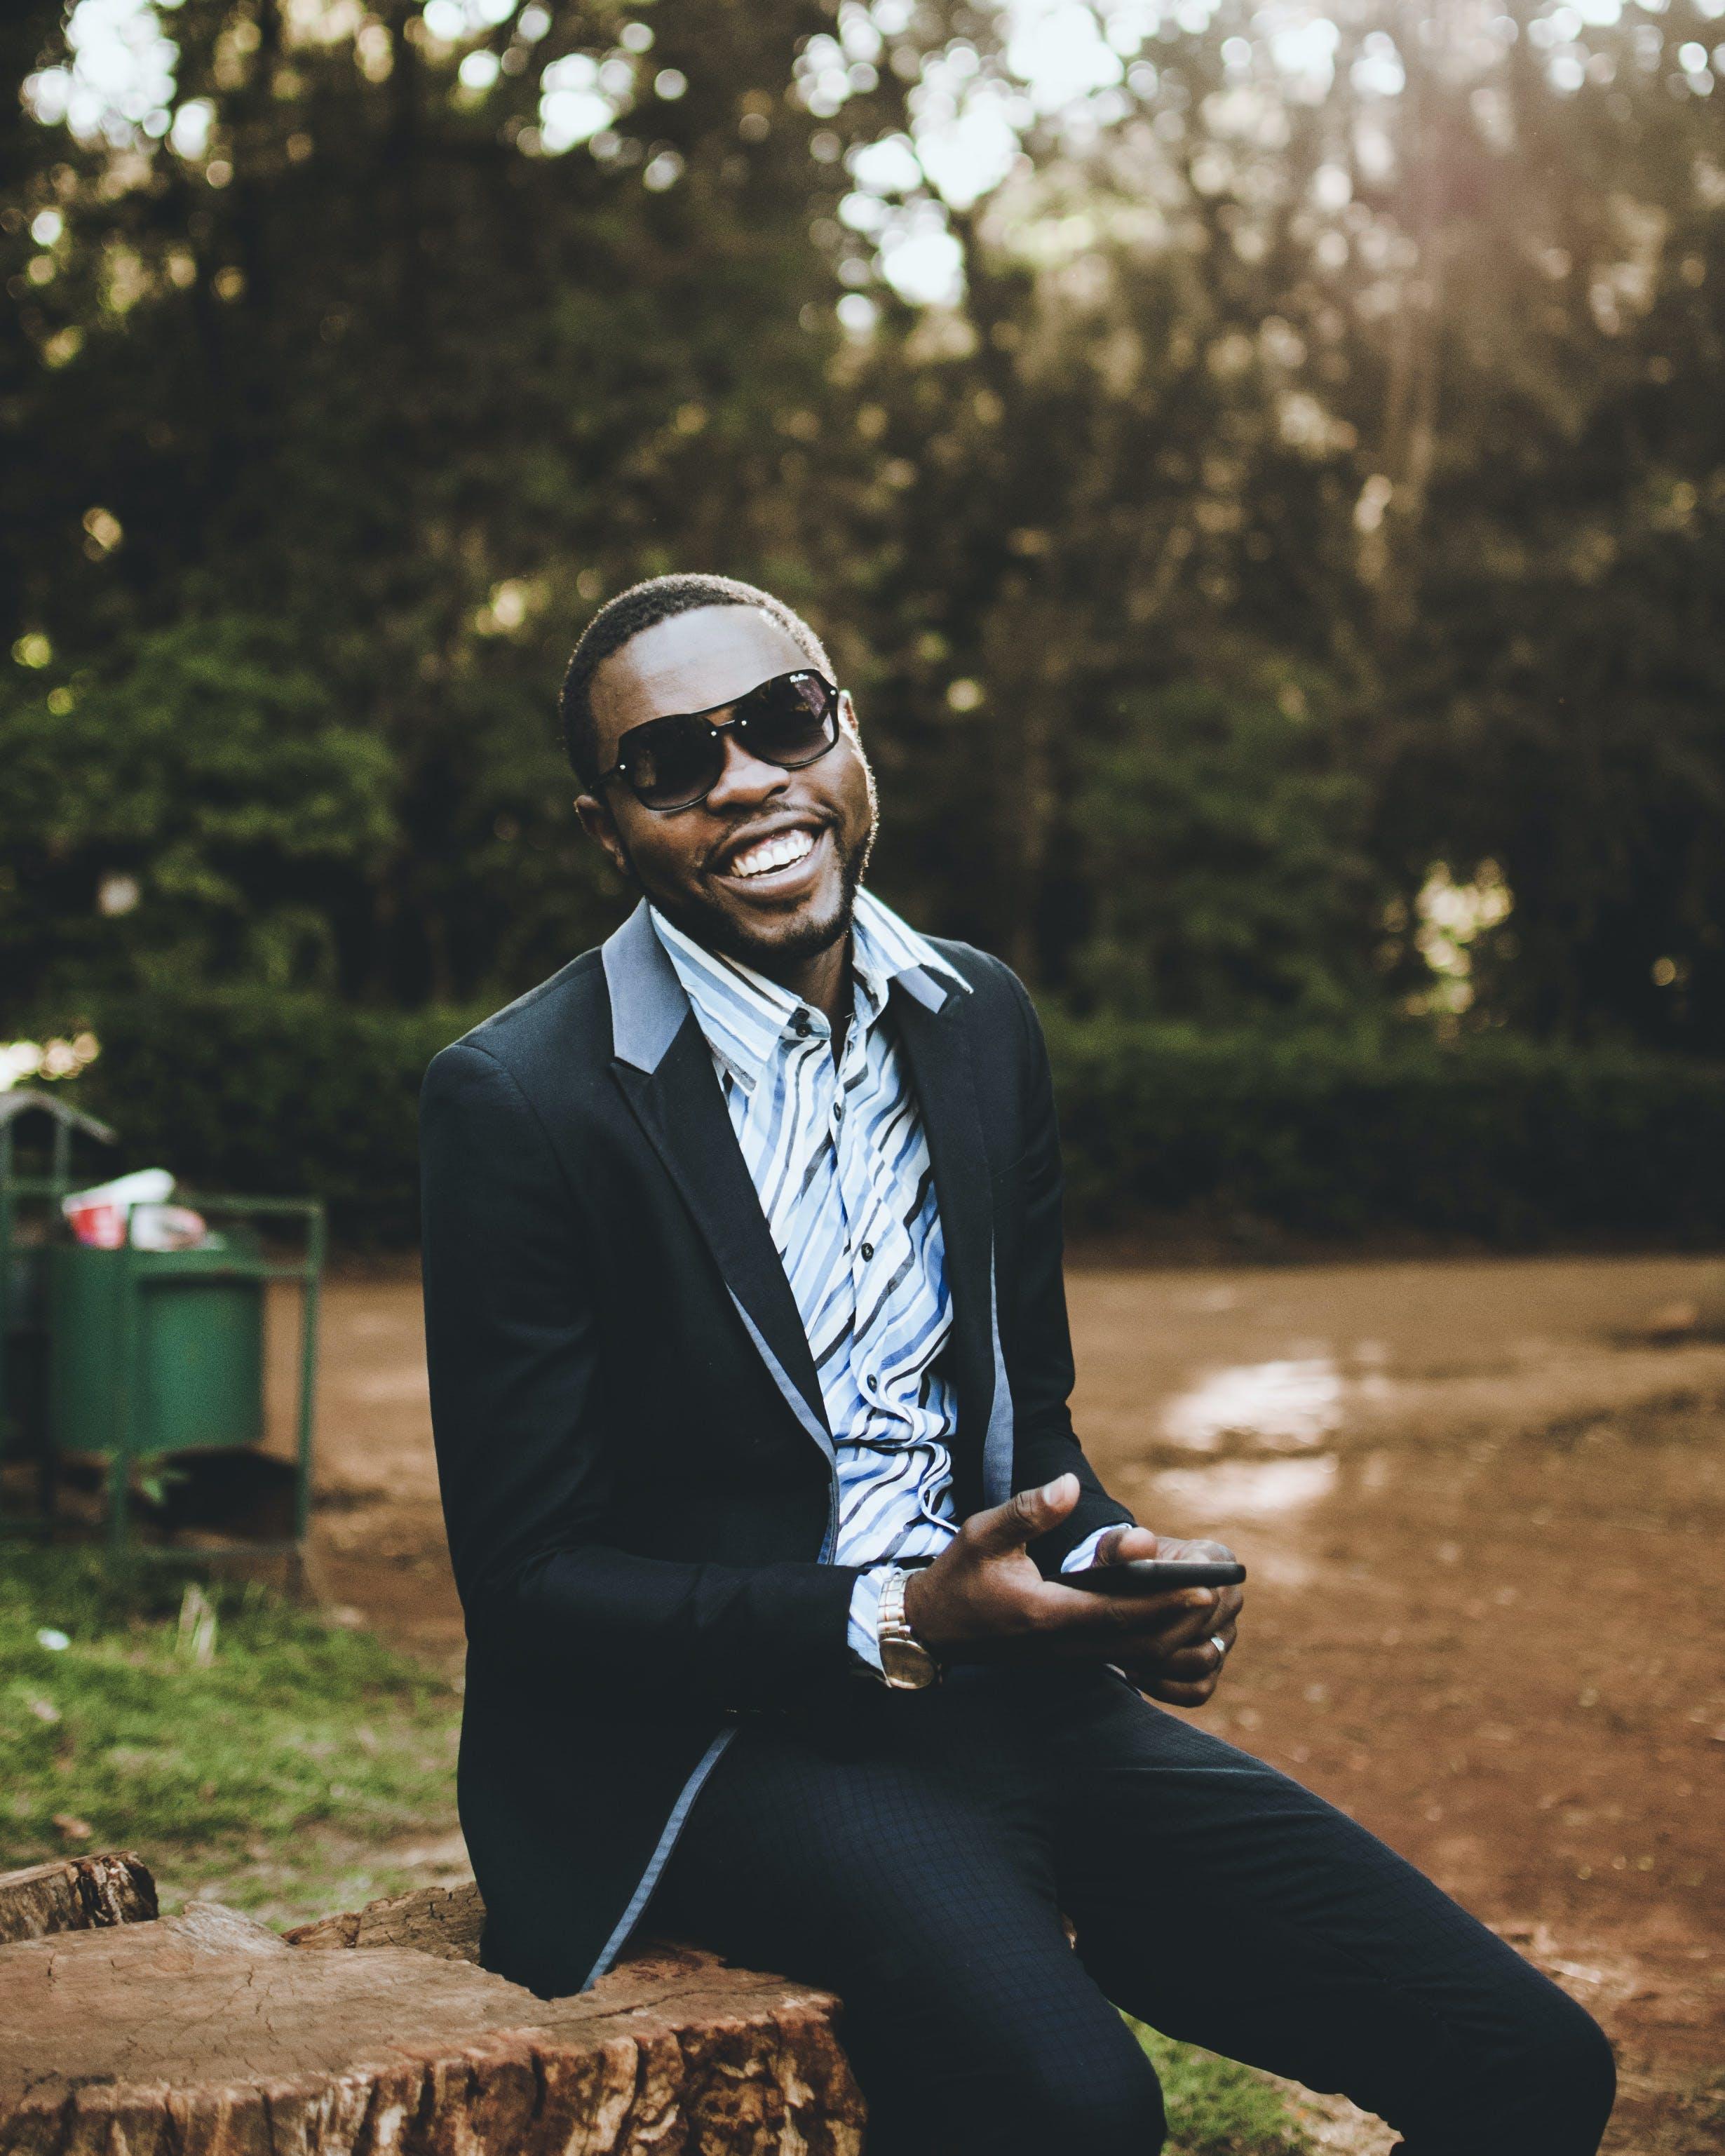 남자, 모델, 사람, 선글라스의 무료 스톡 사진